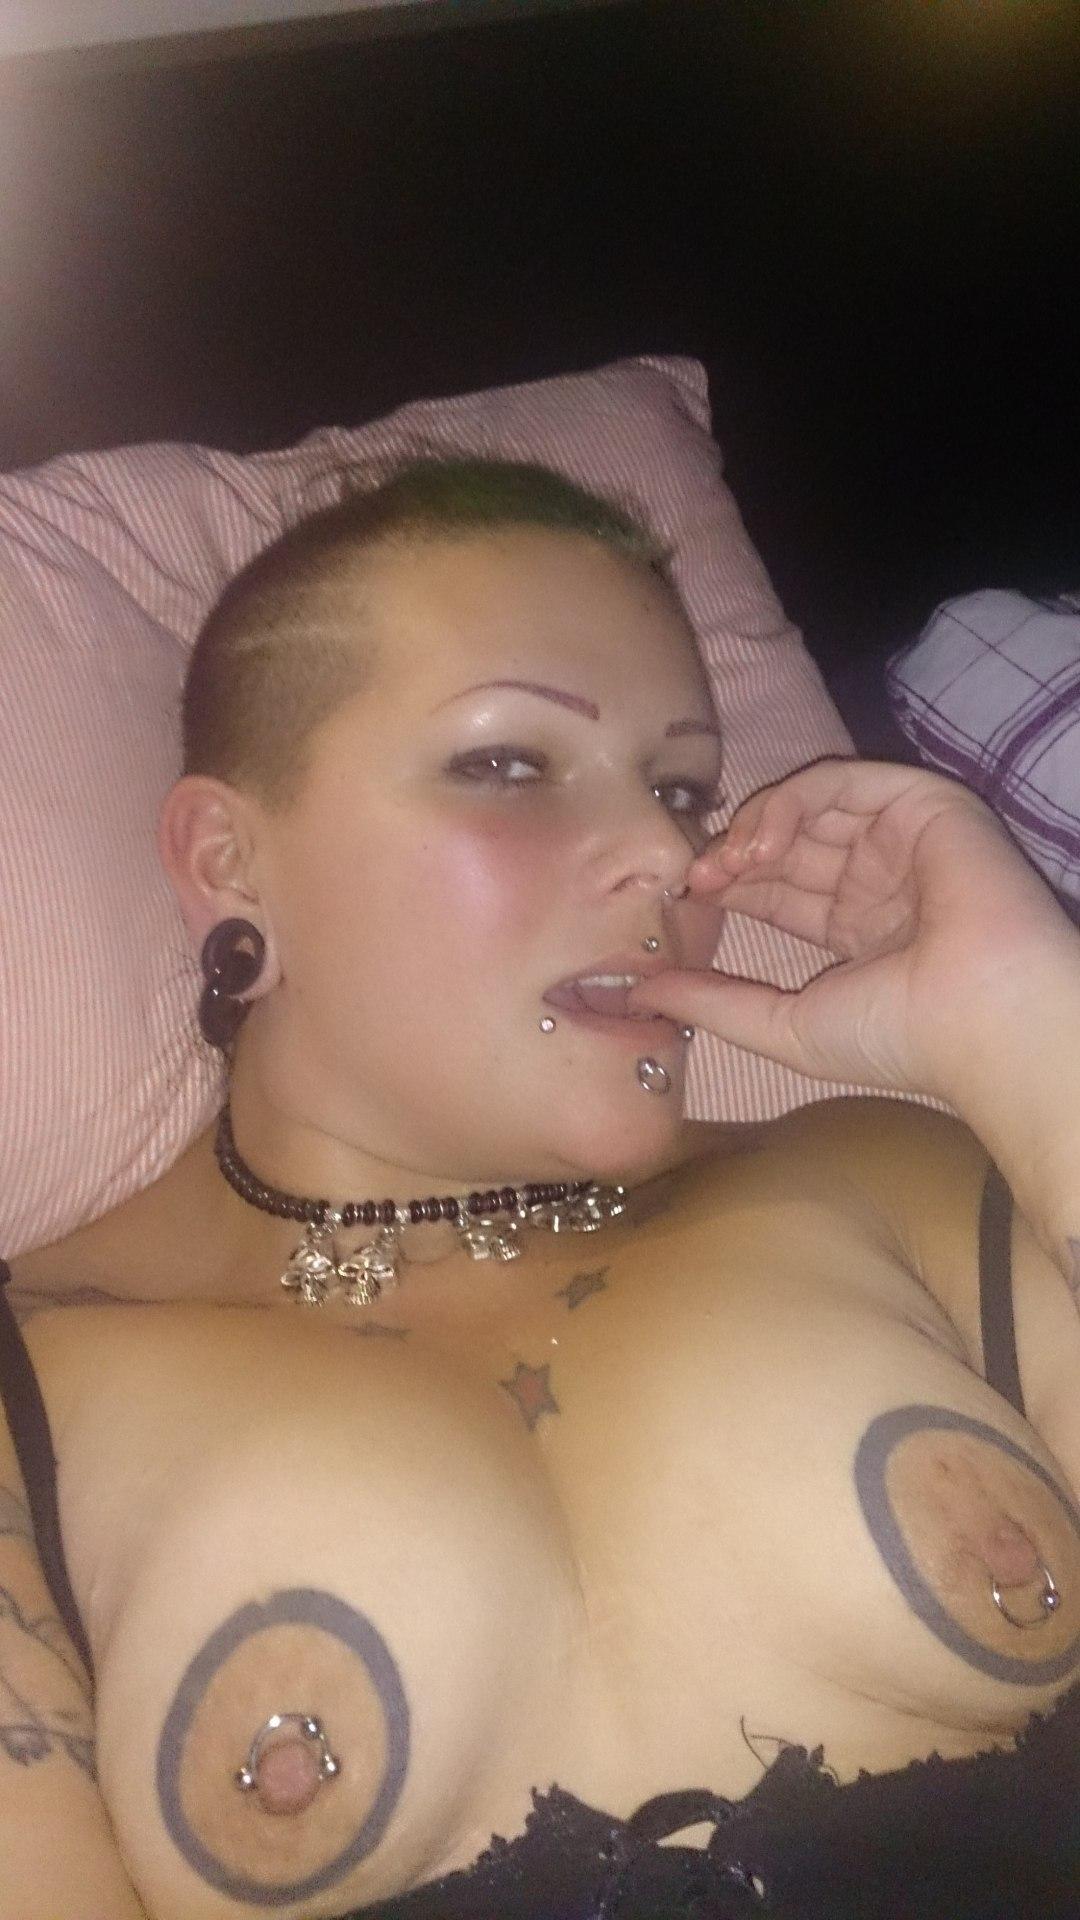 Escort Bbw Ottawa Mature Tattooed Pierced